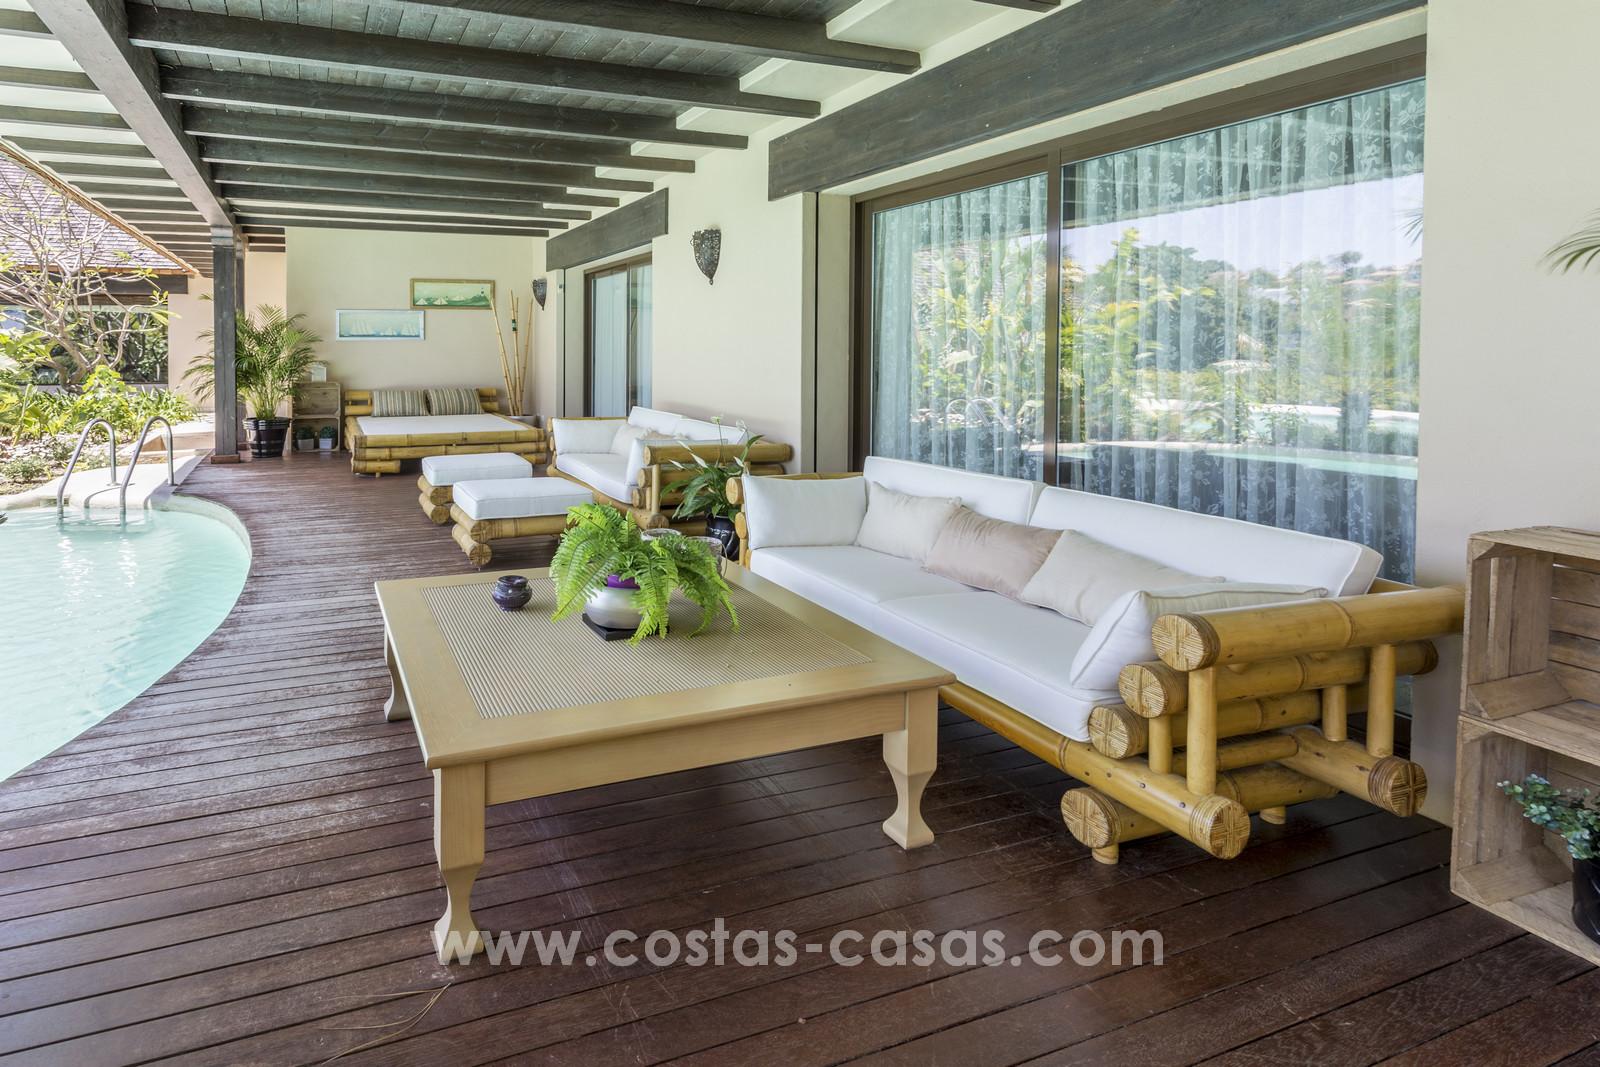 Salon De Jardin Asiatique villa contemporaine asiatiques à vendre, première ligne de golf à marbella